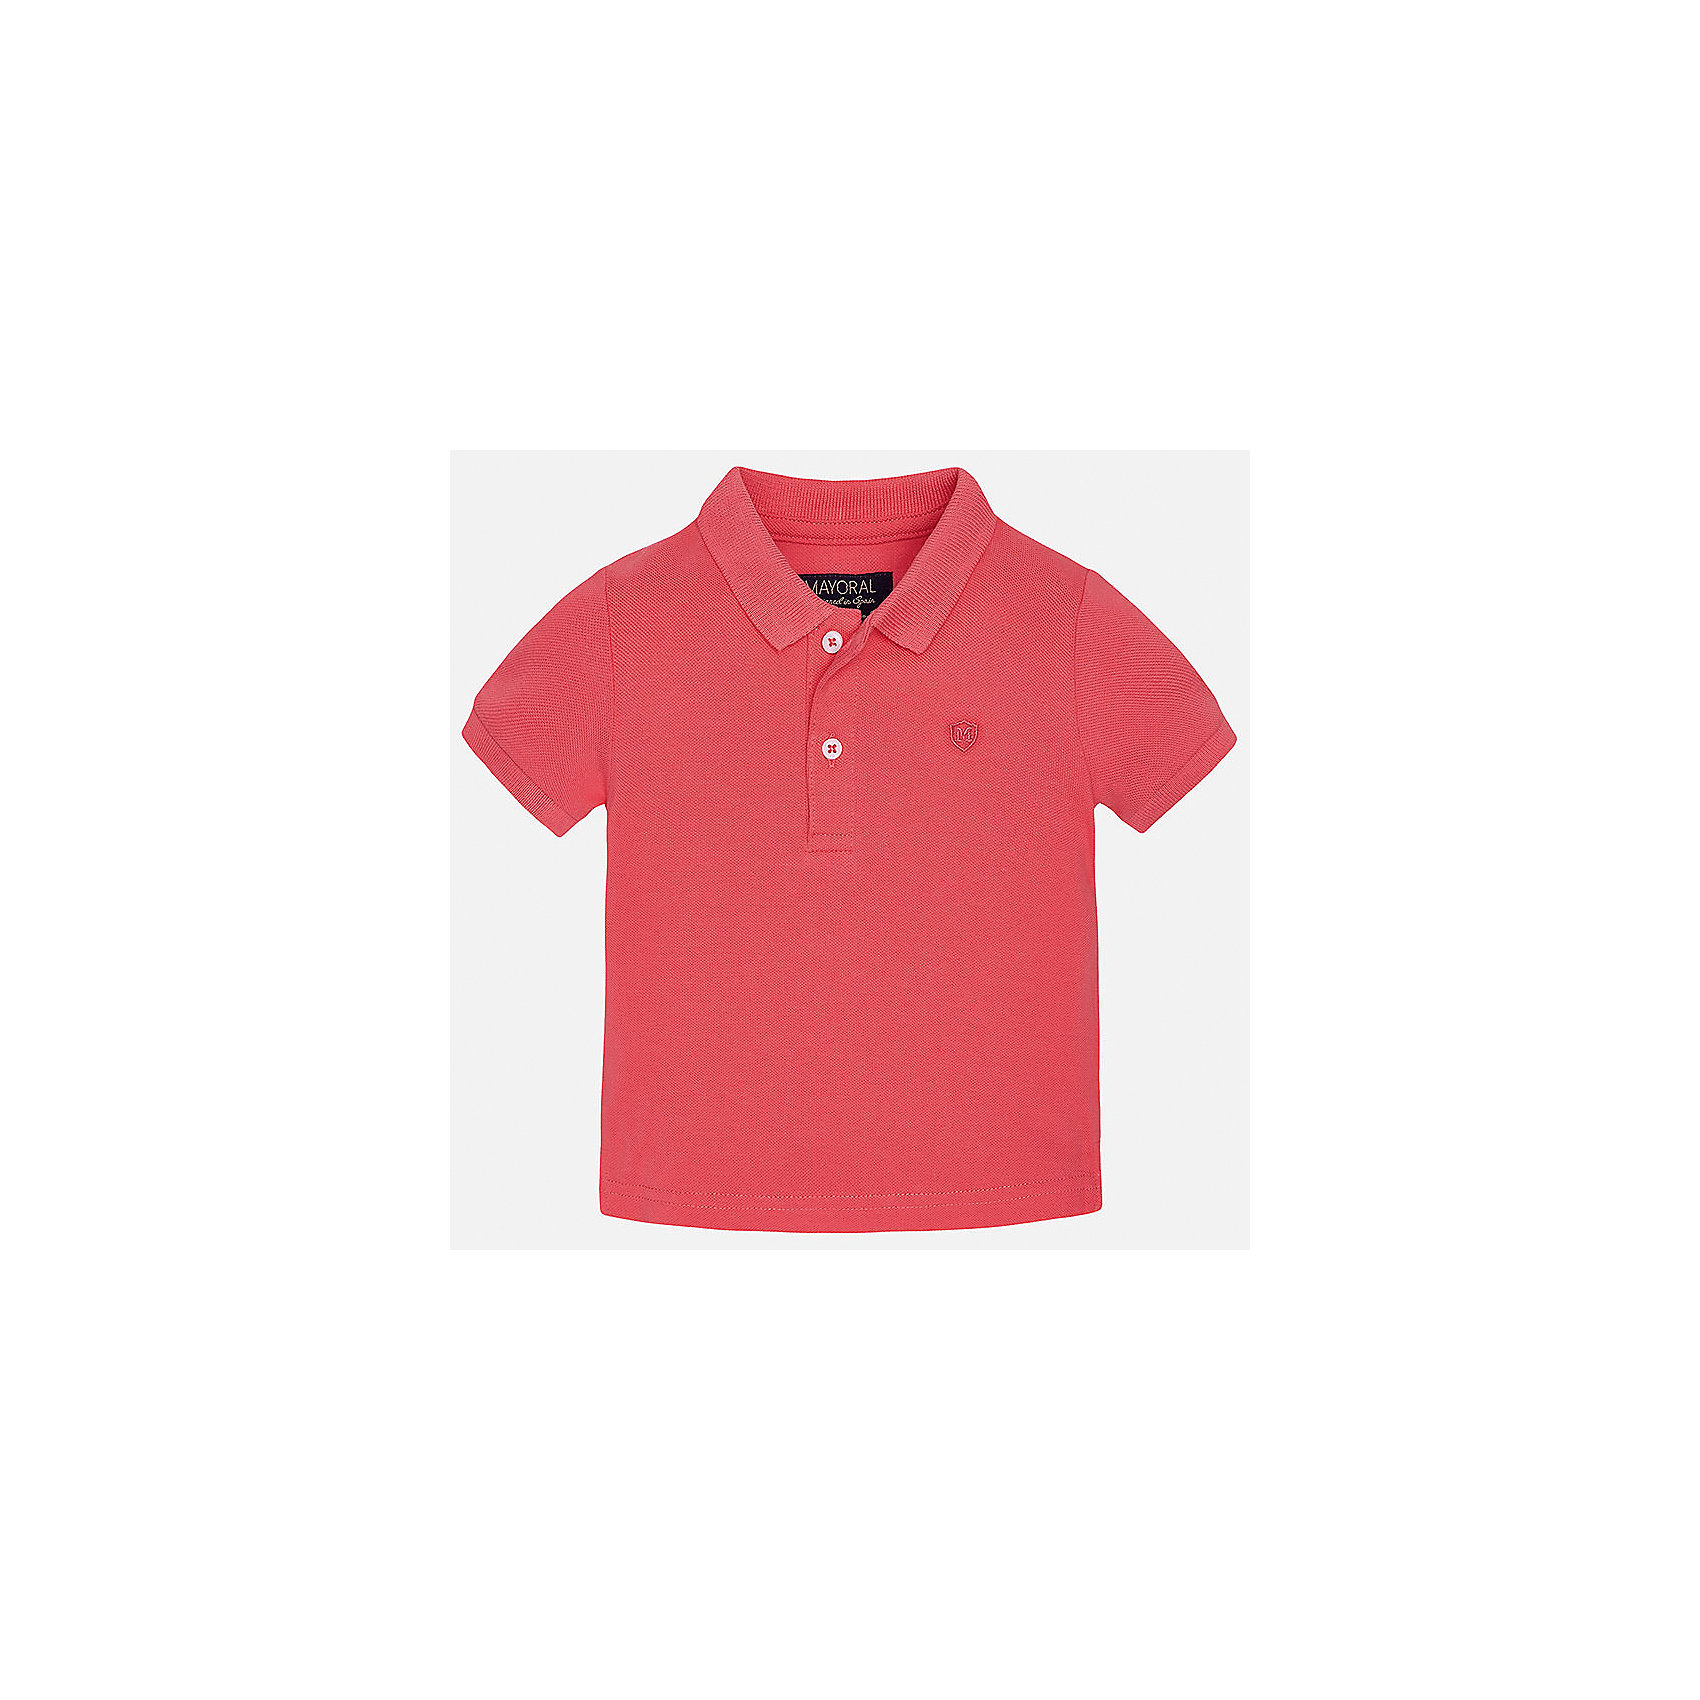 Рубашка-поло для мальчика MayoralФутболки, поло и топы<br>Характеристики товара:<br><br>• цвет: красный<br>• состав: 100% хлопок<br>• отложной воротник<br>• короткие рукава<br>• застежка: пуговицы<br>• вышивка на груди<br>• страна бренда: Испания<br><br>Удобная и модная футболка-поло для мальчика может стать базовой вещью в гардеробе ребенка. Она отлично сочетается с брюками, шортами, джинсами и т.д. Универсальный крой и цвет позволяет подобрать к вещи низ разных расцветок. Практичное и стильное изделие! В составе материала - только натуральный хлопок, гипоаллергенный, приятный на ощупь, дышащий.<br><br>Одежда, обувь и аксессуары от испанского бренда Mayoral полюбились детям и взрослым по всему миру. Модели этой марки - стильные и удобные. Для их производства используются только безопасные, качественные материалы и фурнитура. Порадуйте ребенка модными и красивыми вещами от Mayoral! <br><br>Футболку-поло для мальчика от испанского бренда Mayoral (Майорал) можно купить в нашем интернет-магазине.<br><br>Ширина мм: 230<br>Глубина мм: 40<br>Высота мм: 220<br>Вес г: 250<br>Цвет: розовый<br>Возраст от месяцев: 12<br>Возраст до месяцев: 15<br>Пол: Мужской<br>Возраст: Детский<br>Размер: 80,74,92,86<br>SKU: 5277648